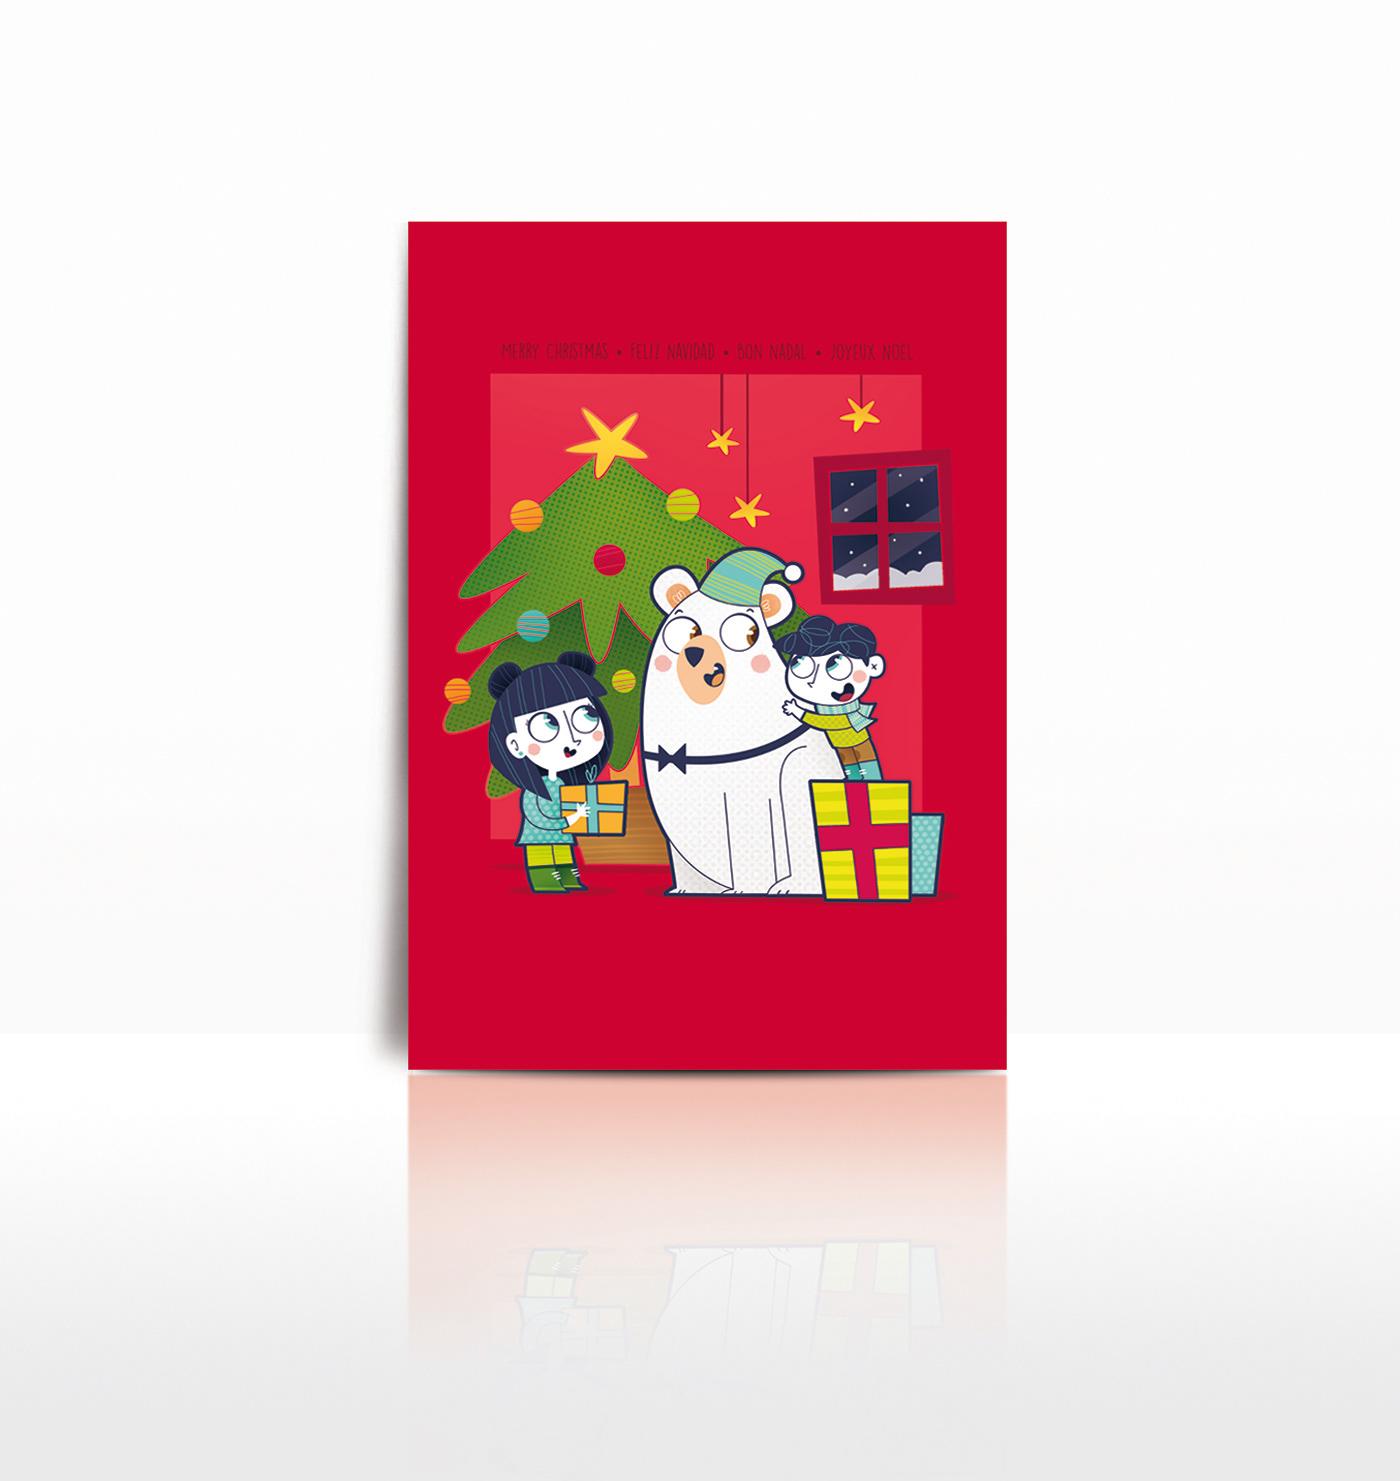 ilustracion ilustracioninfantil navidad oso Abeto niños regalos Christmas